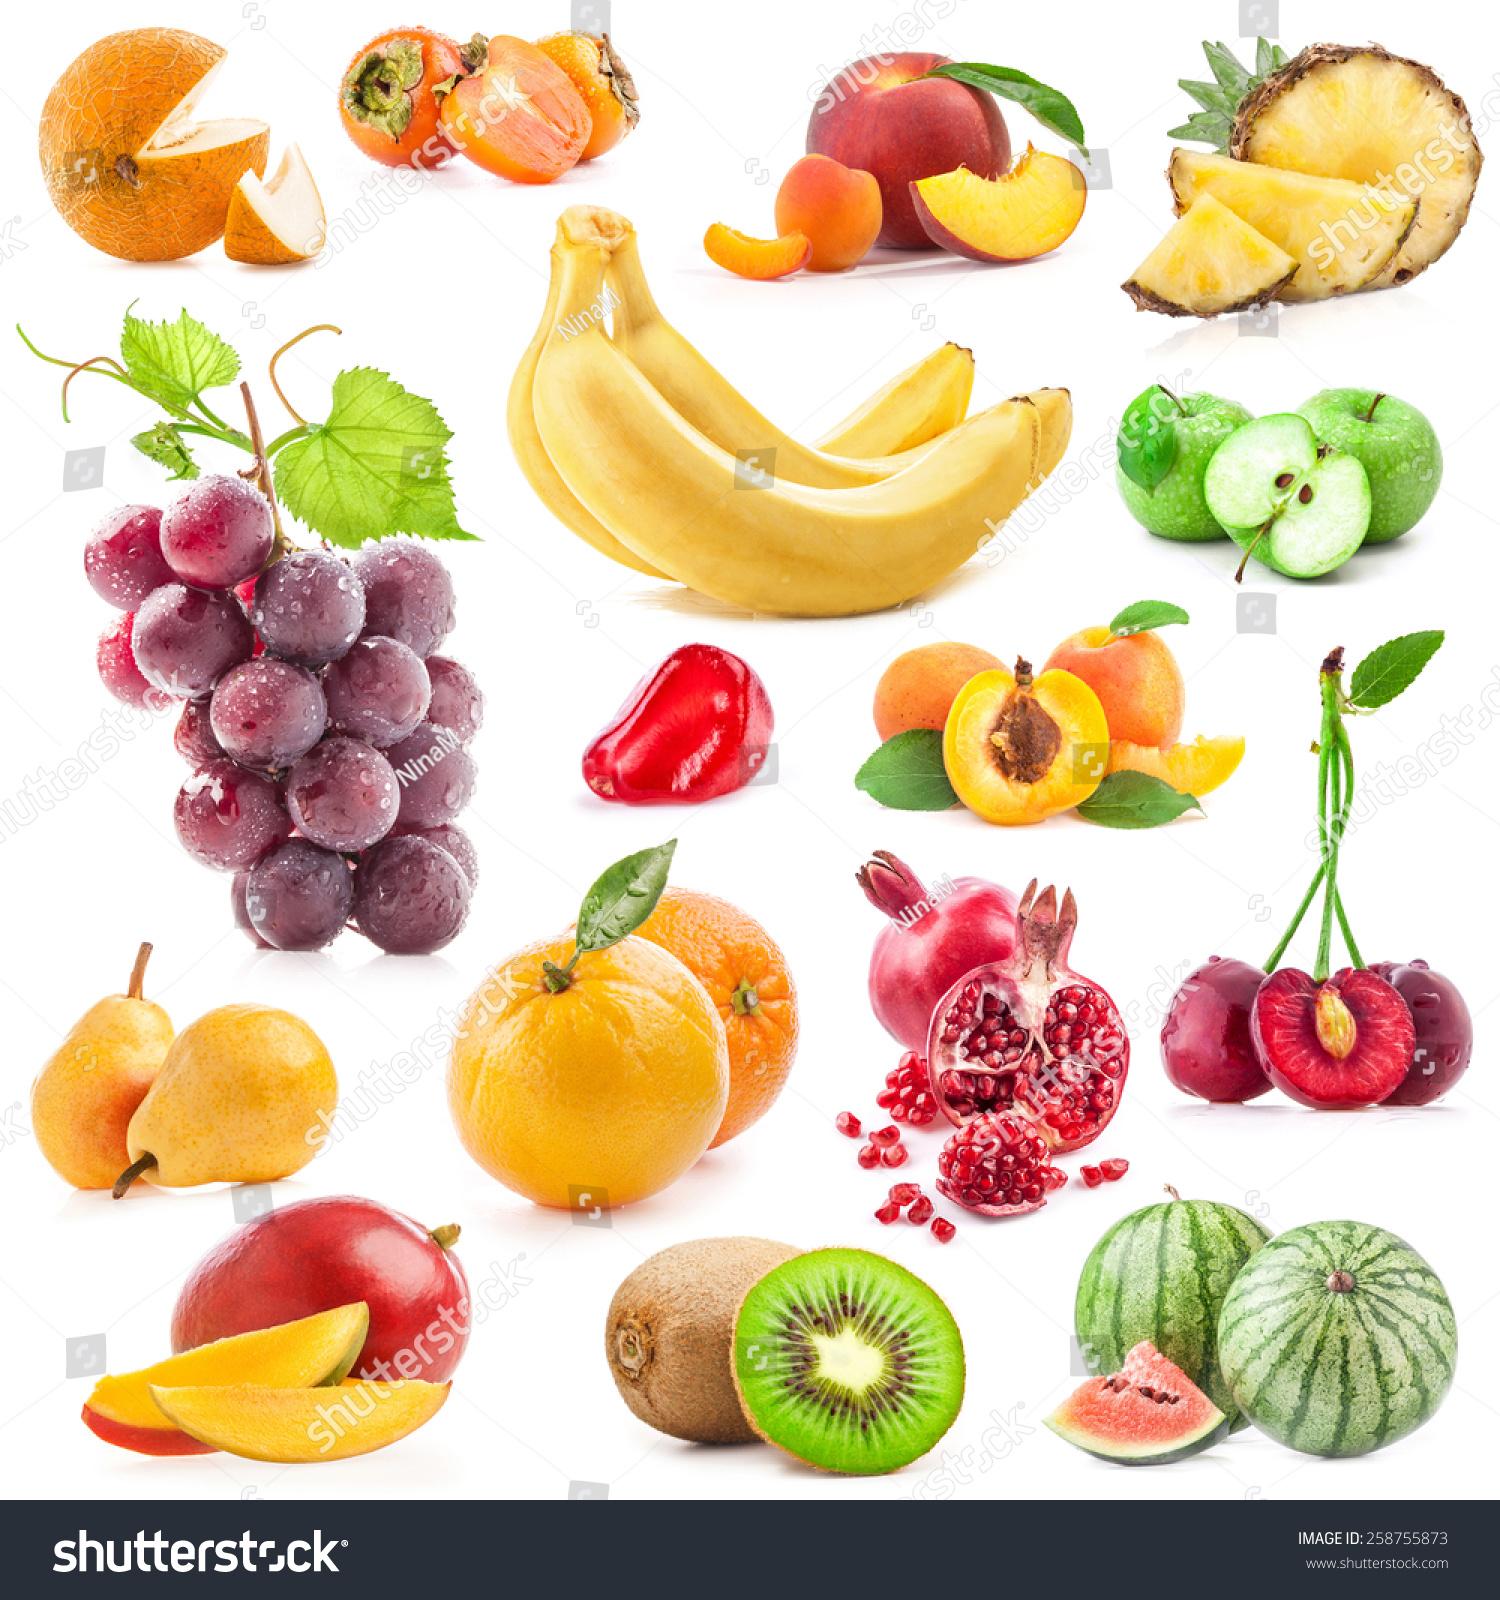 白底分离的水果-背景/素材